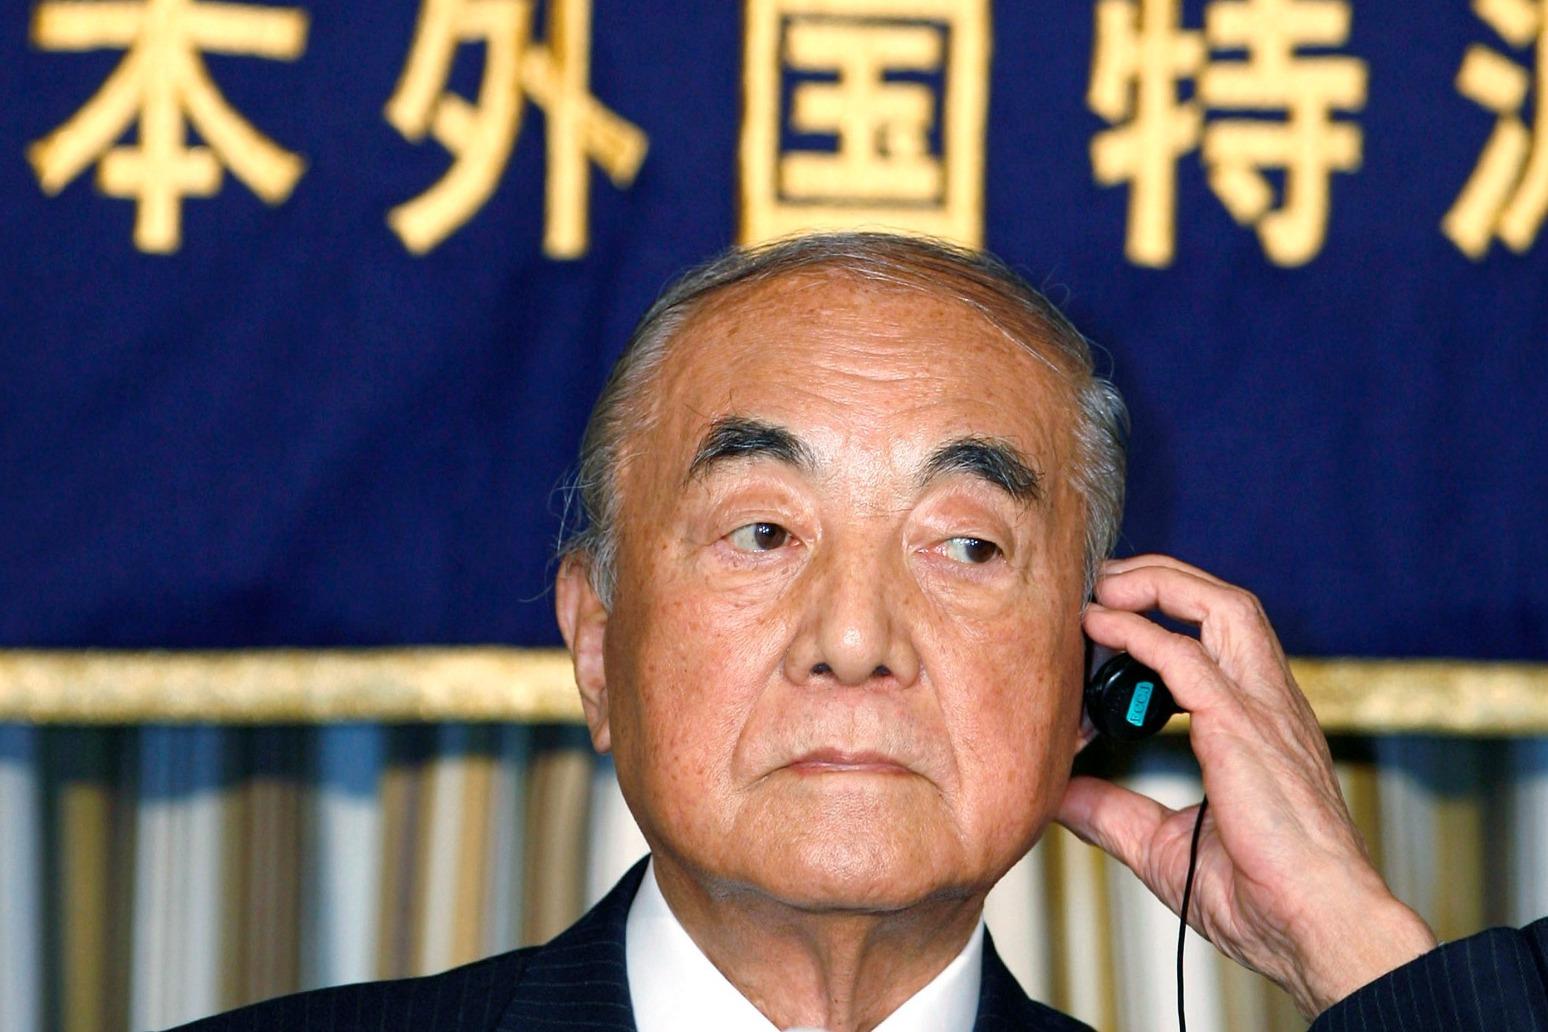 FORMER JAPANESE PM YASUHIRO NAKASONE DIES AGED 101